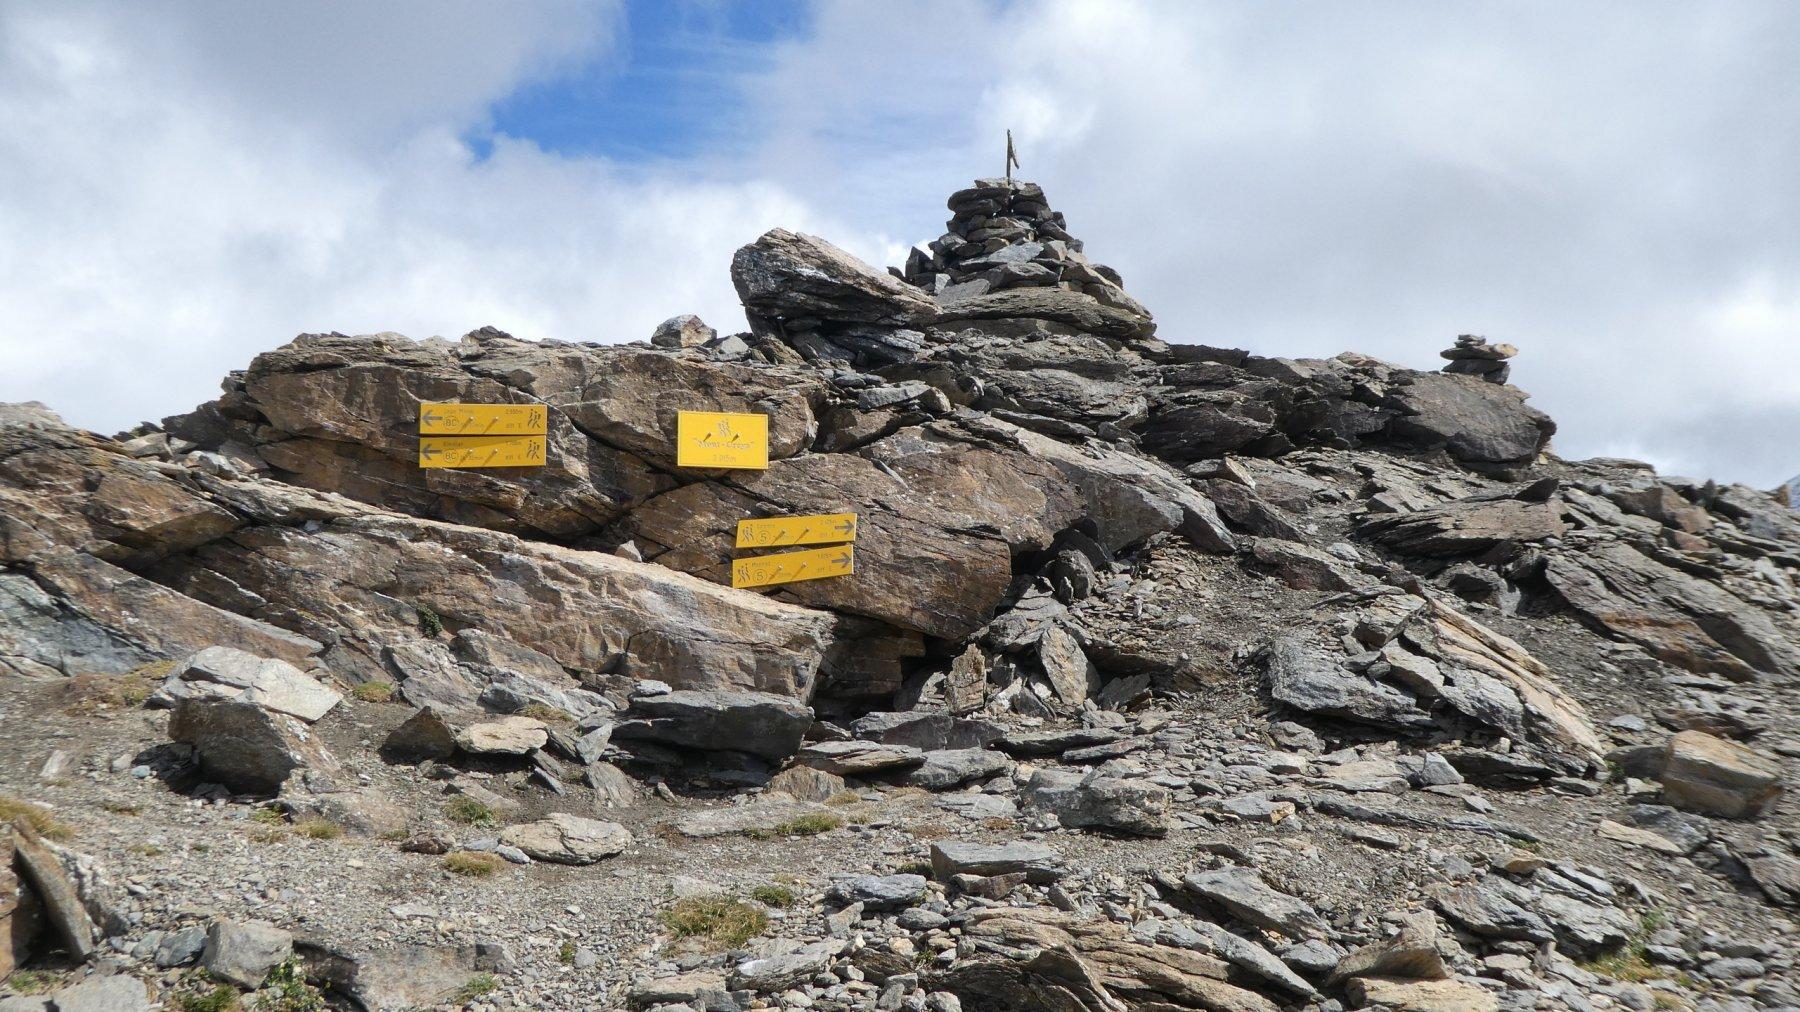 la vetta del Monte Creya...abbonda si segnalazioni e certelli indicatori